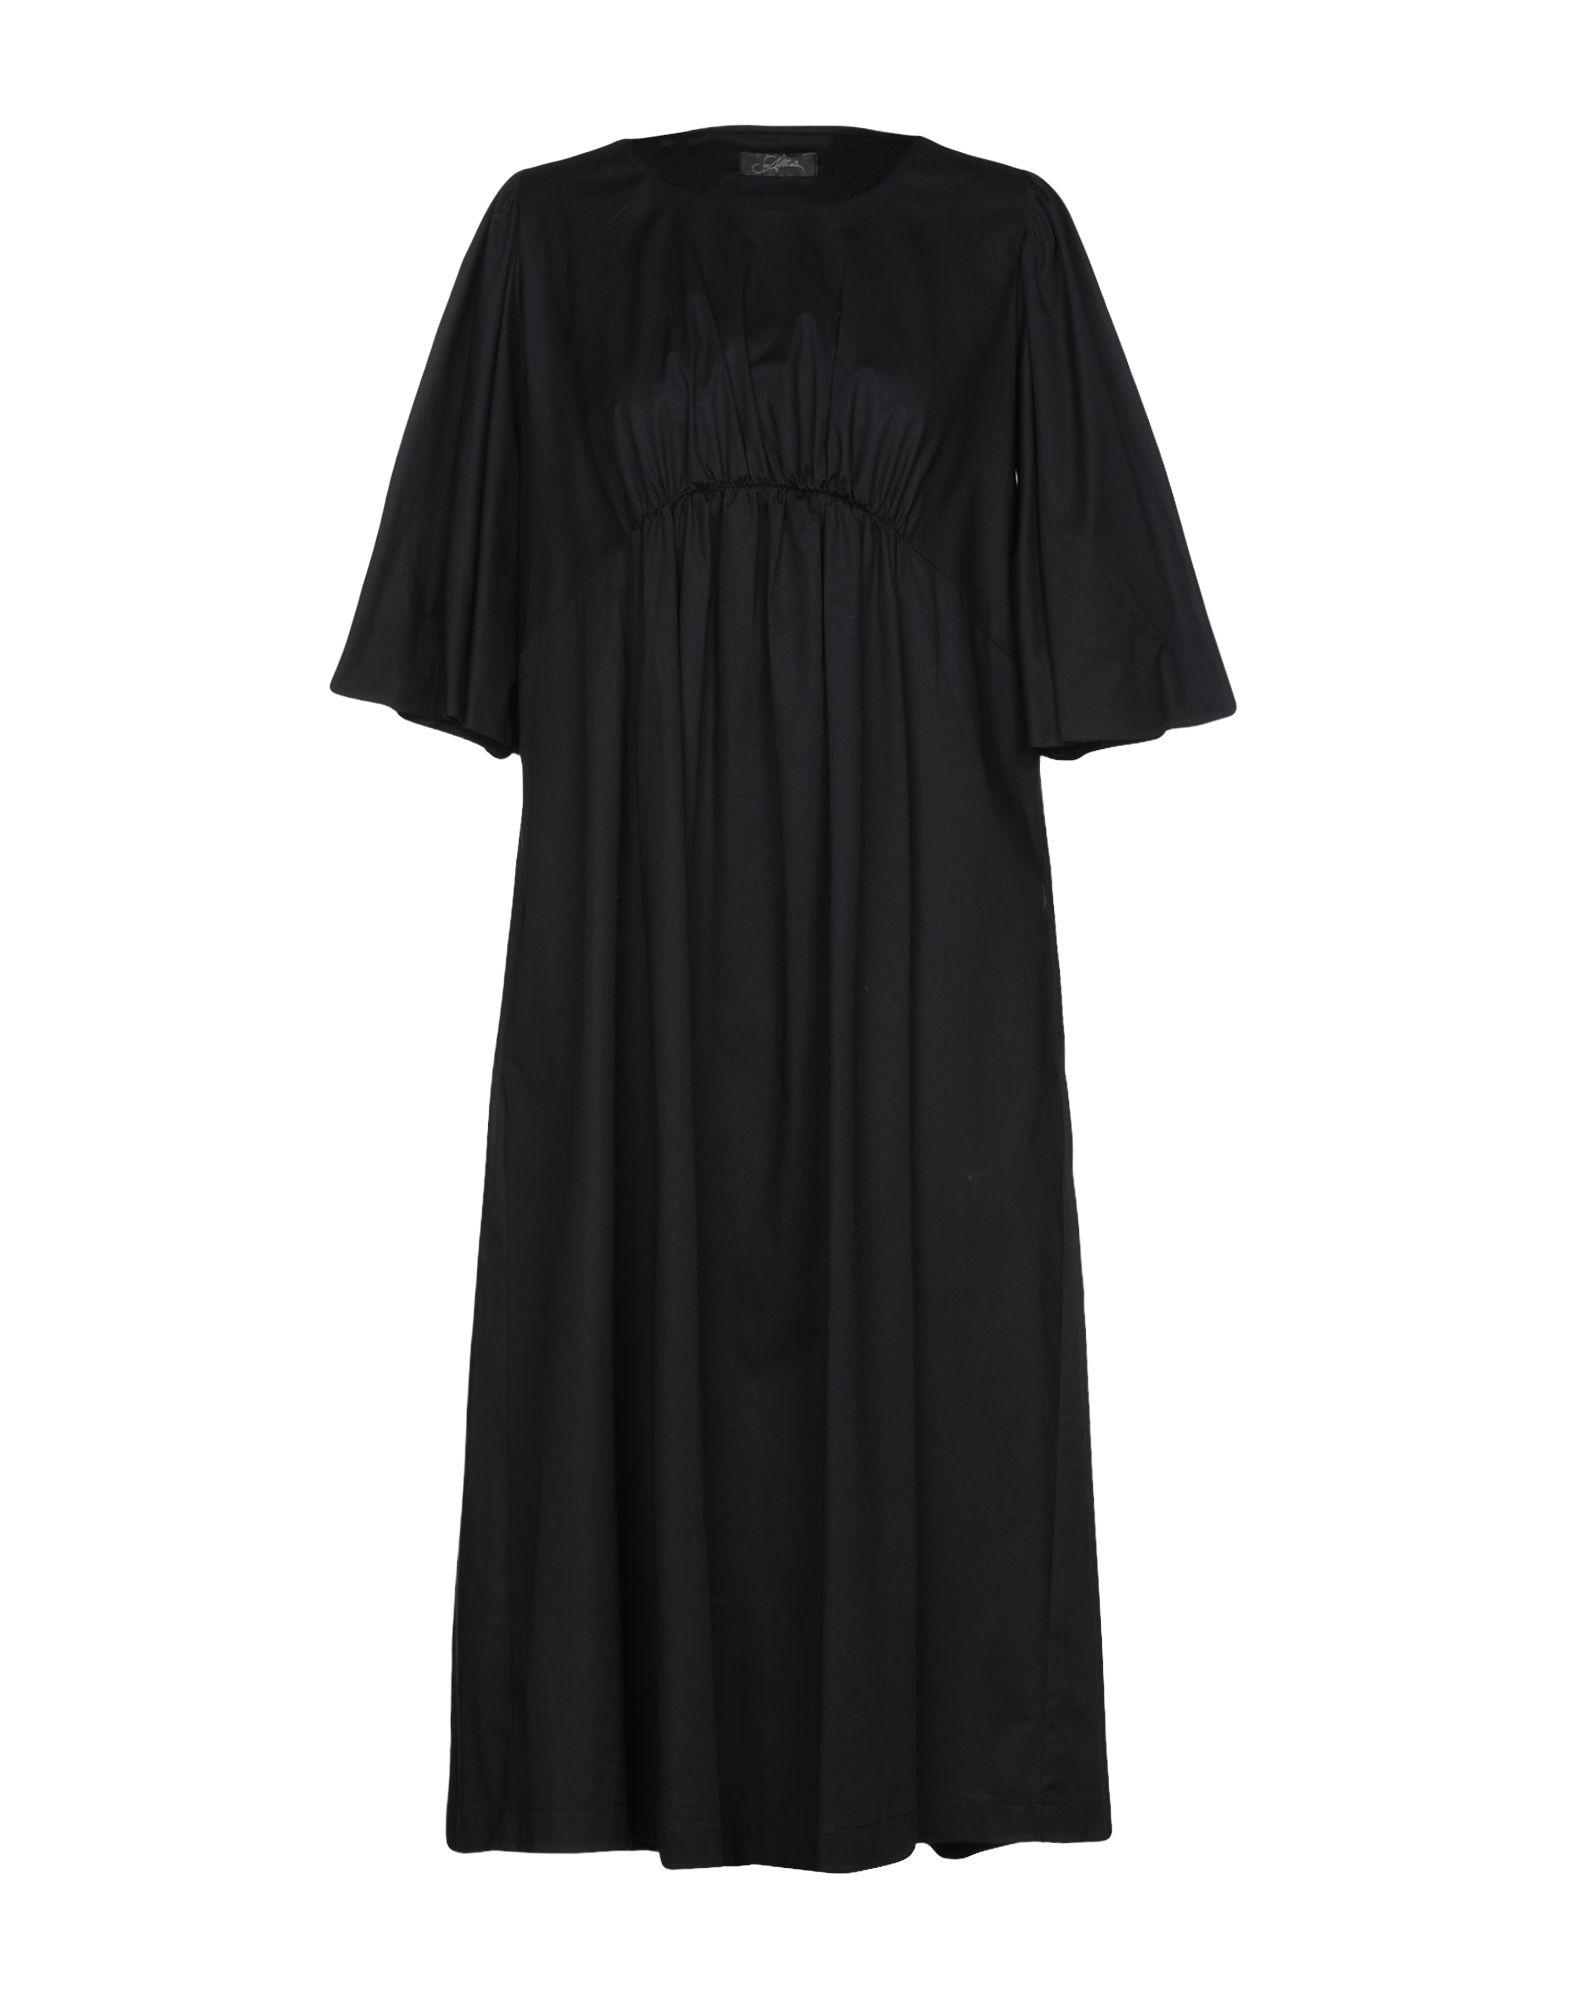 SOALLURE Платье длиной 3/4 revise платье длиной 3 4